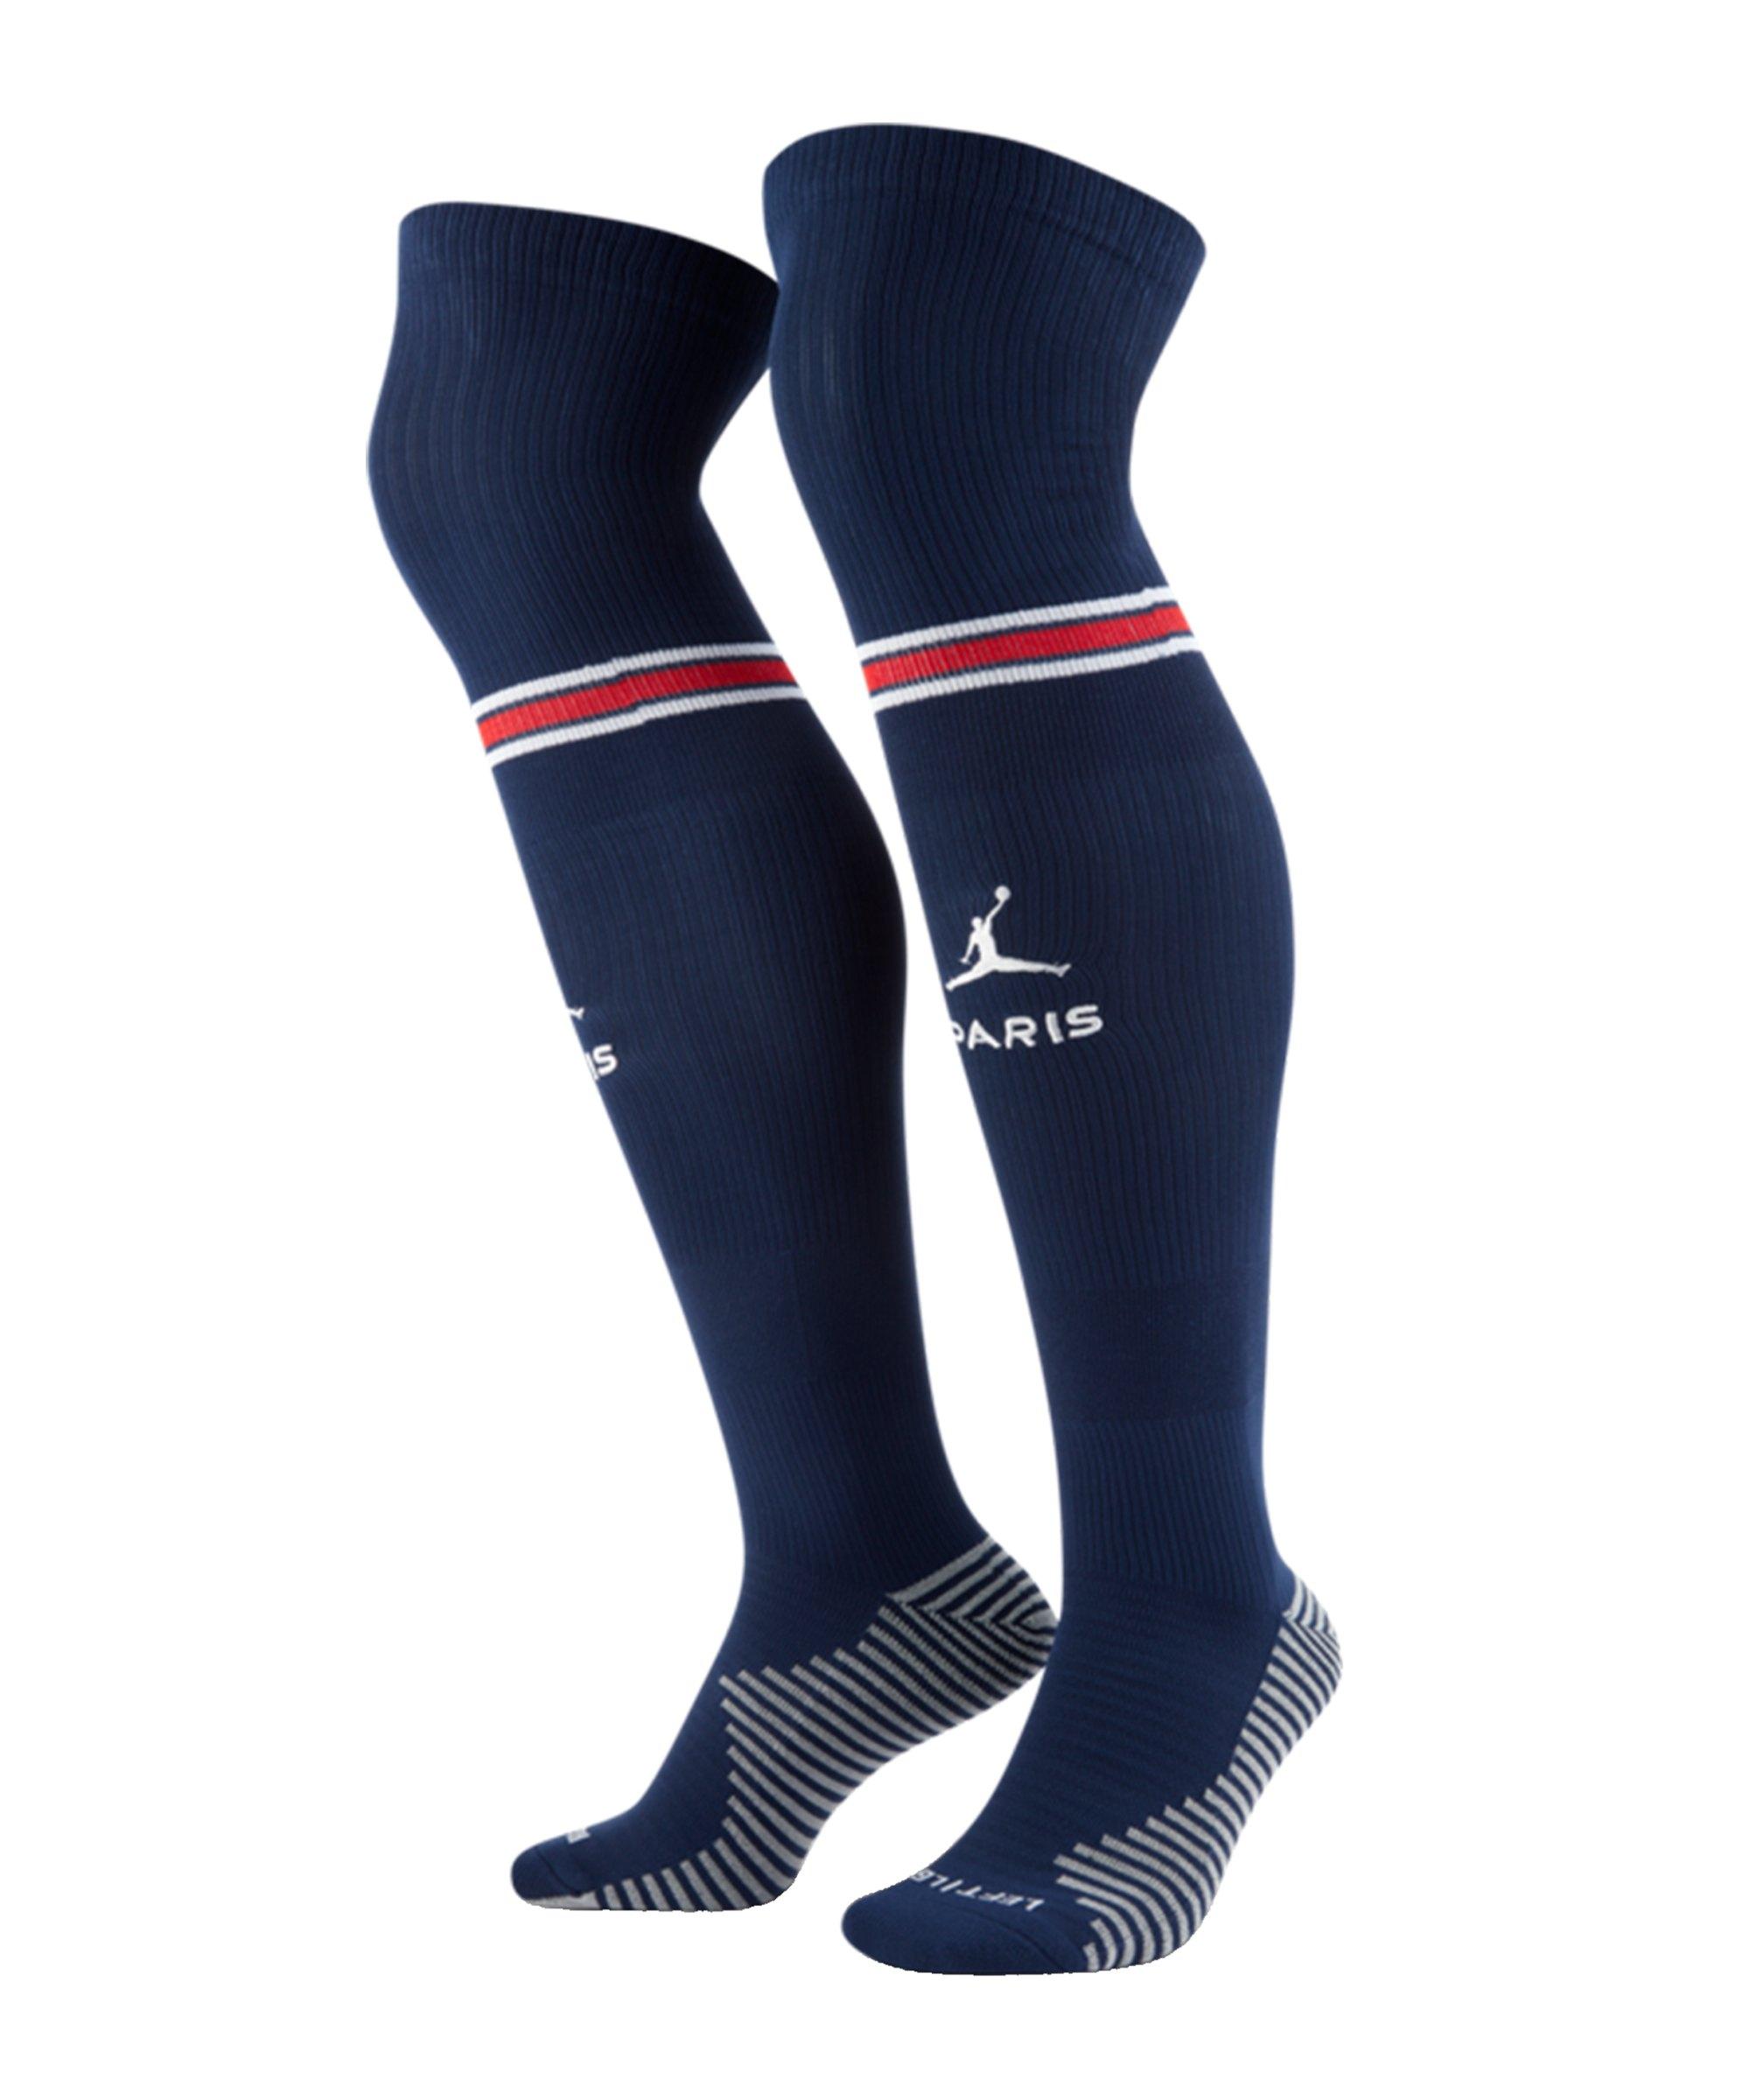 Jordan Paris St. Germain Stutzen Home 2021/2022 Blau F410 - blau